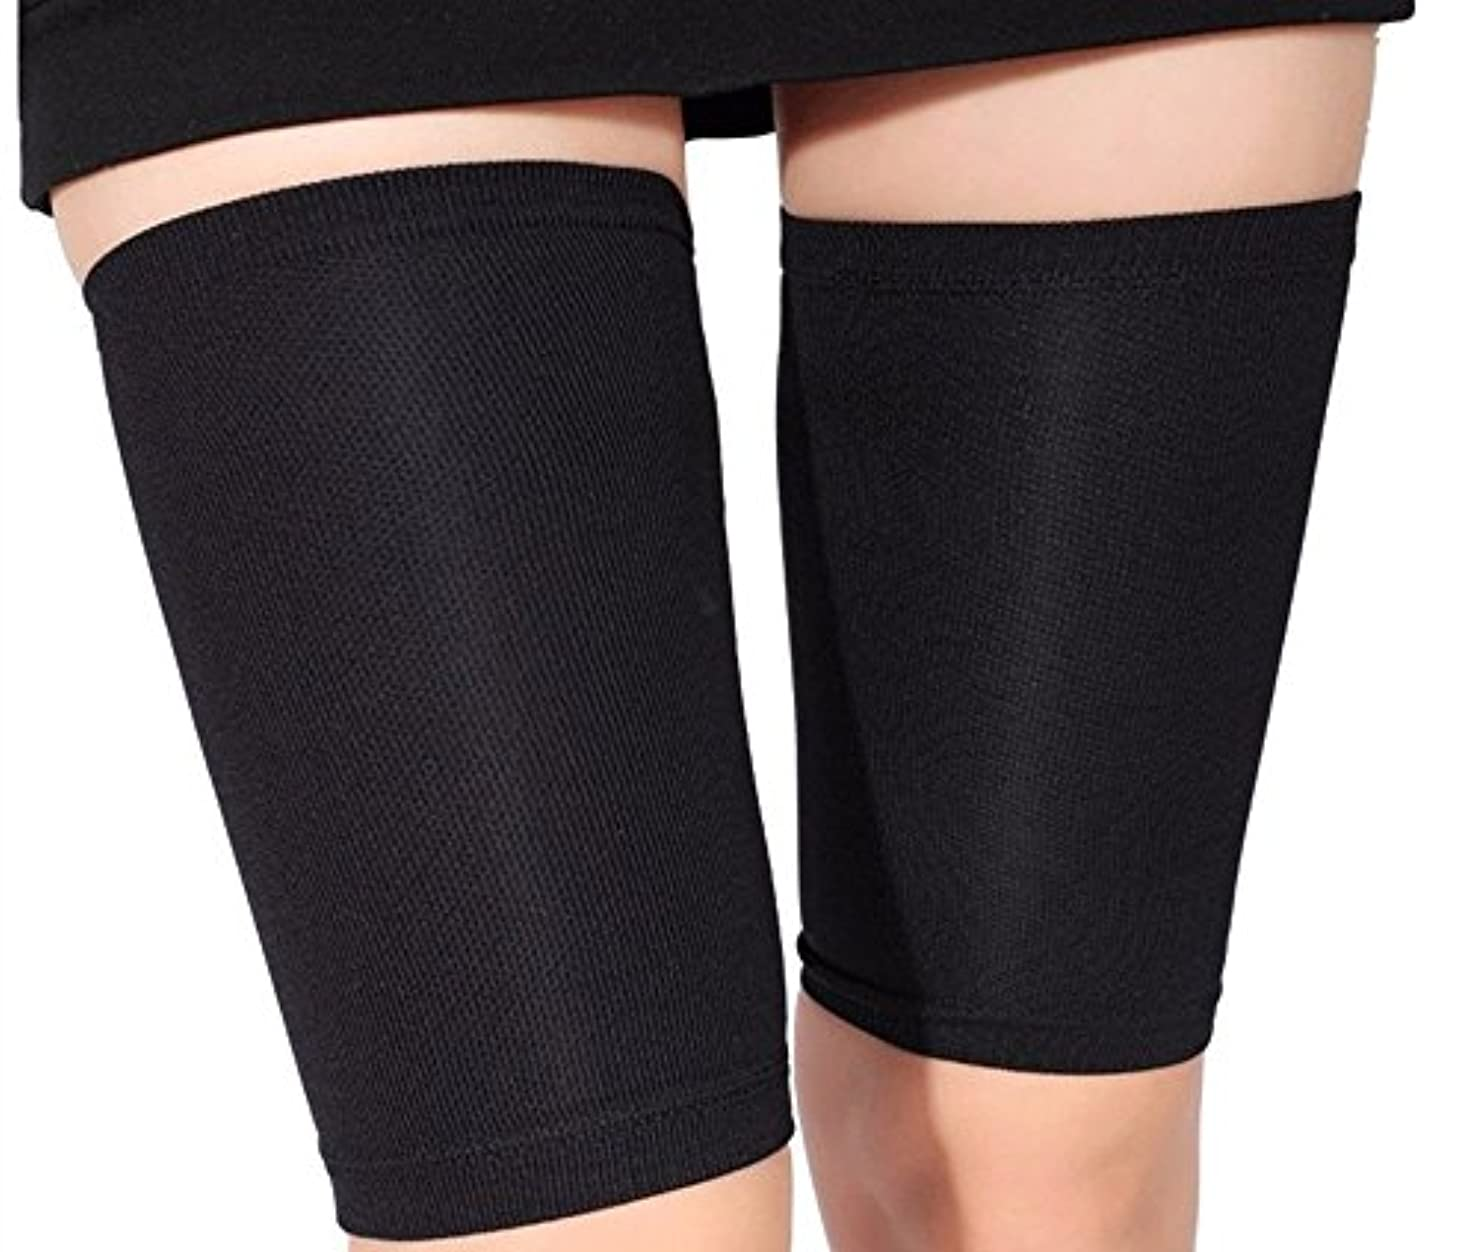 設計図ベールホース太もも燃焼 むくみ セルライト 除去 婦人科系 に作用 両足セット